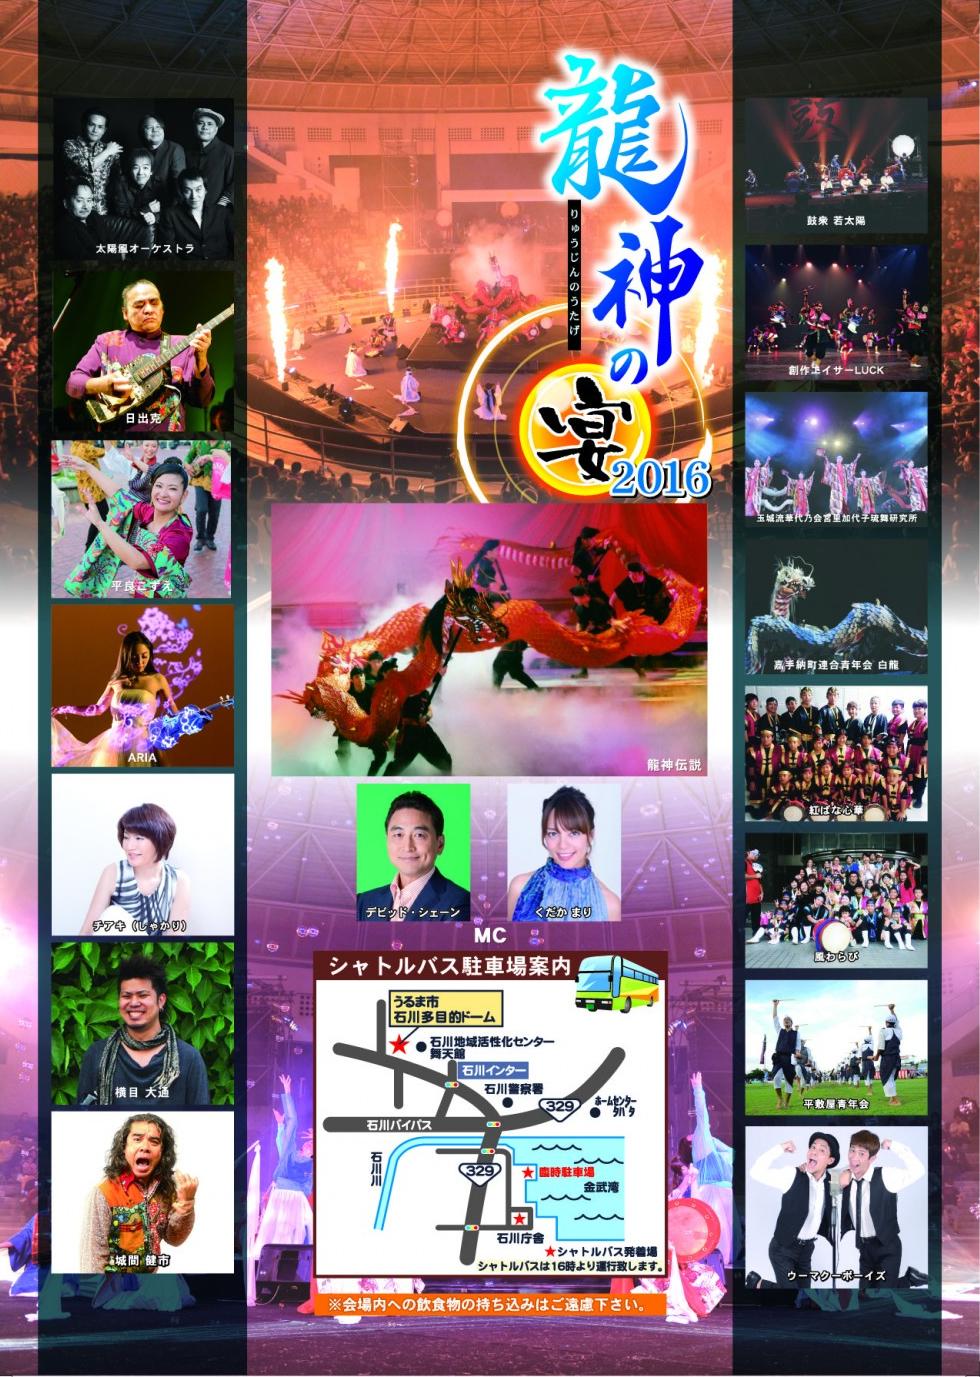 龍神の宴2016のフライヤー2